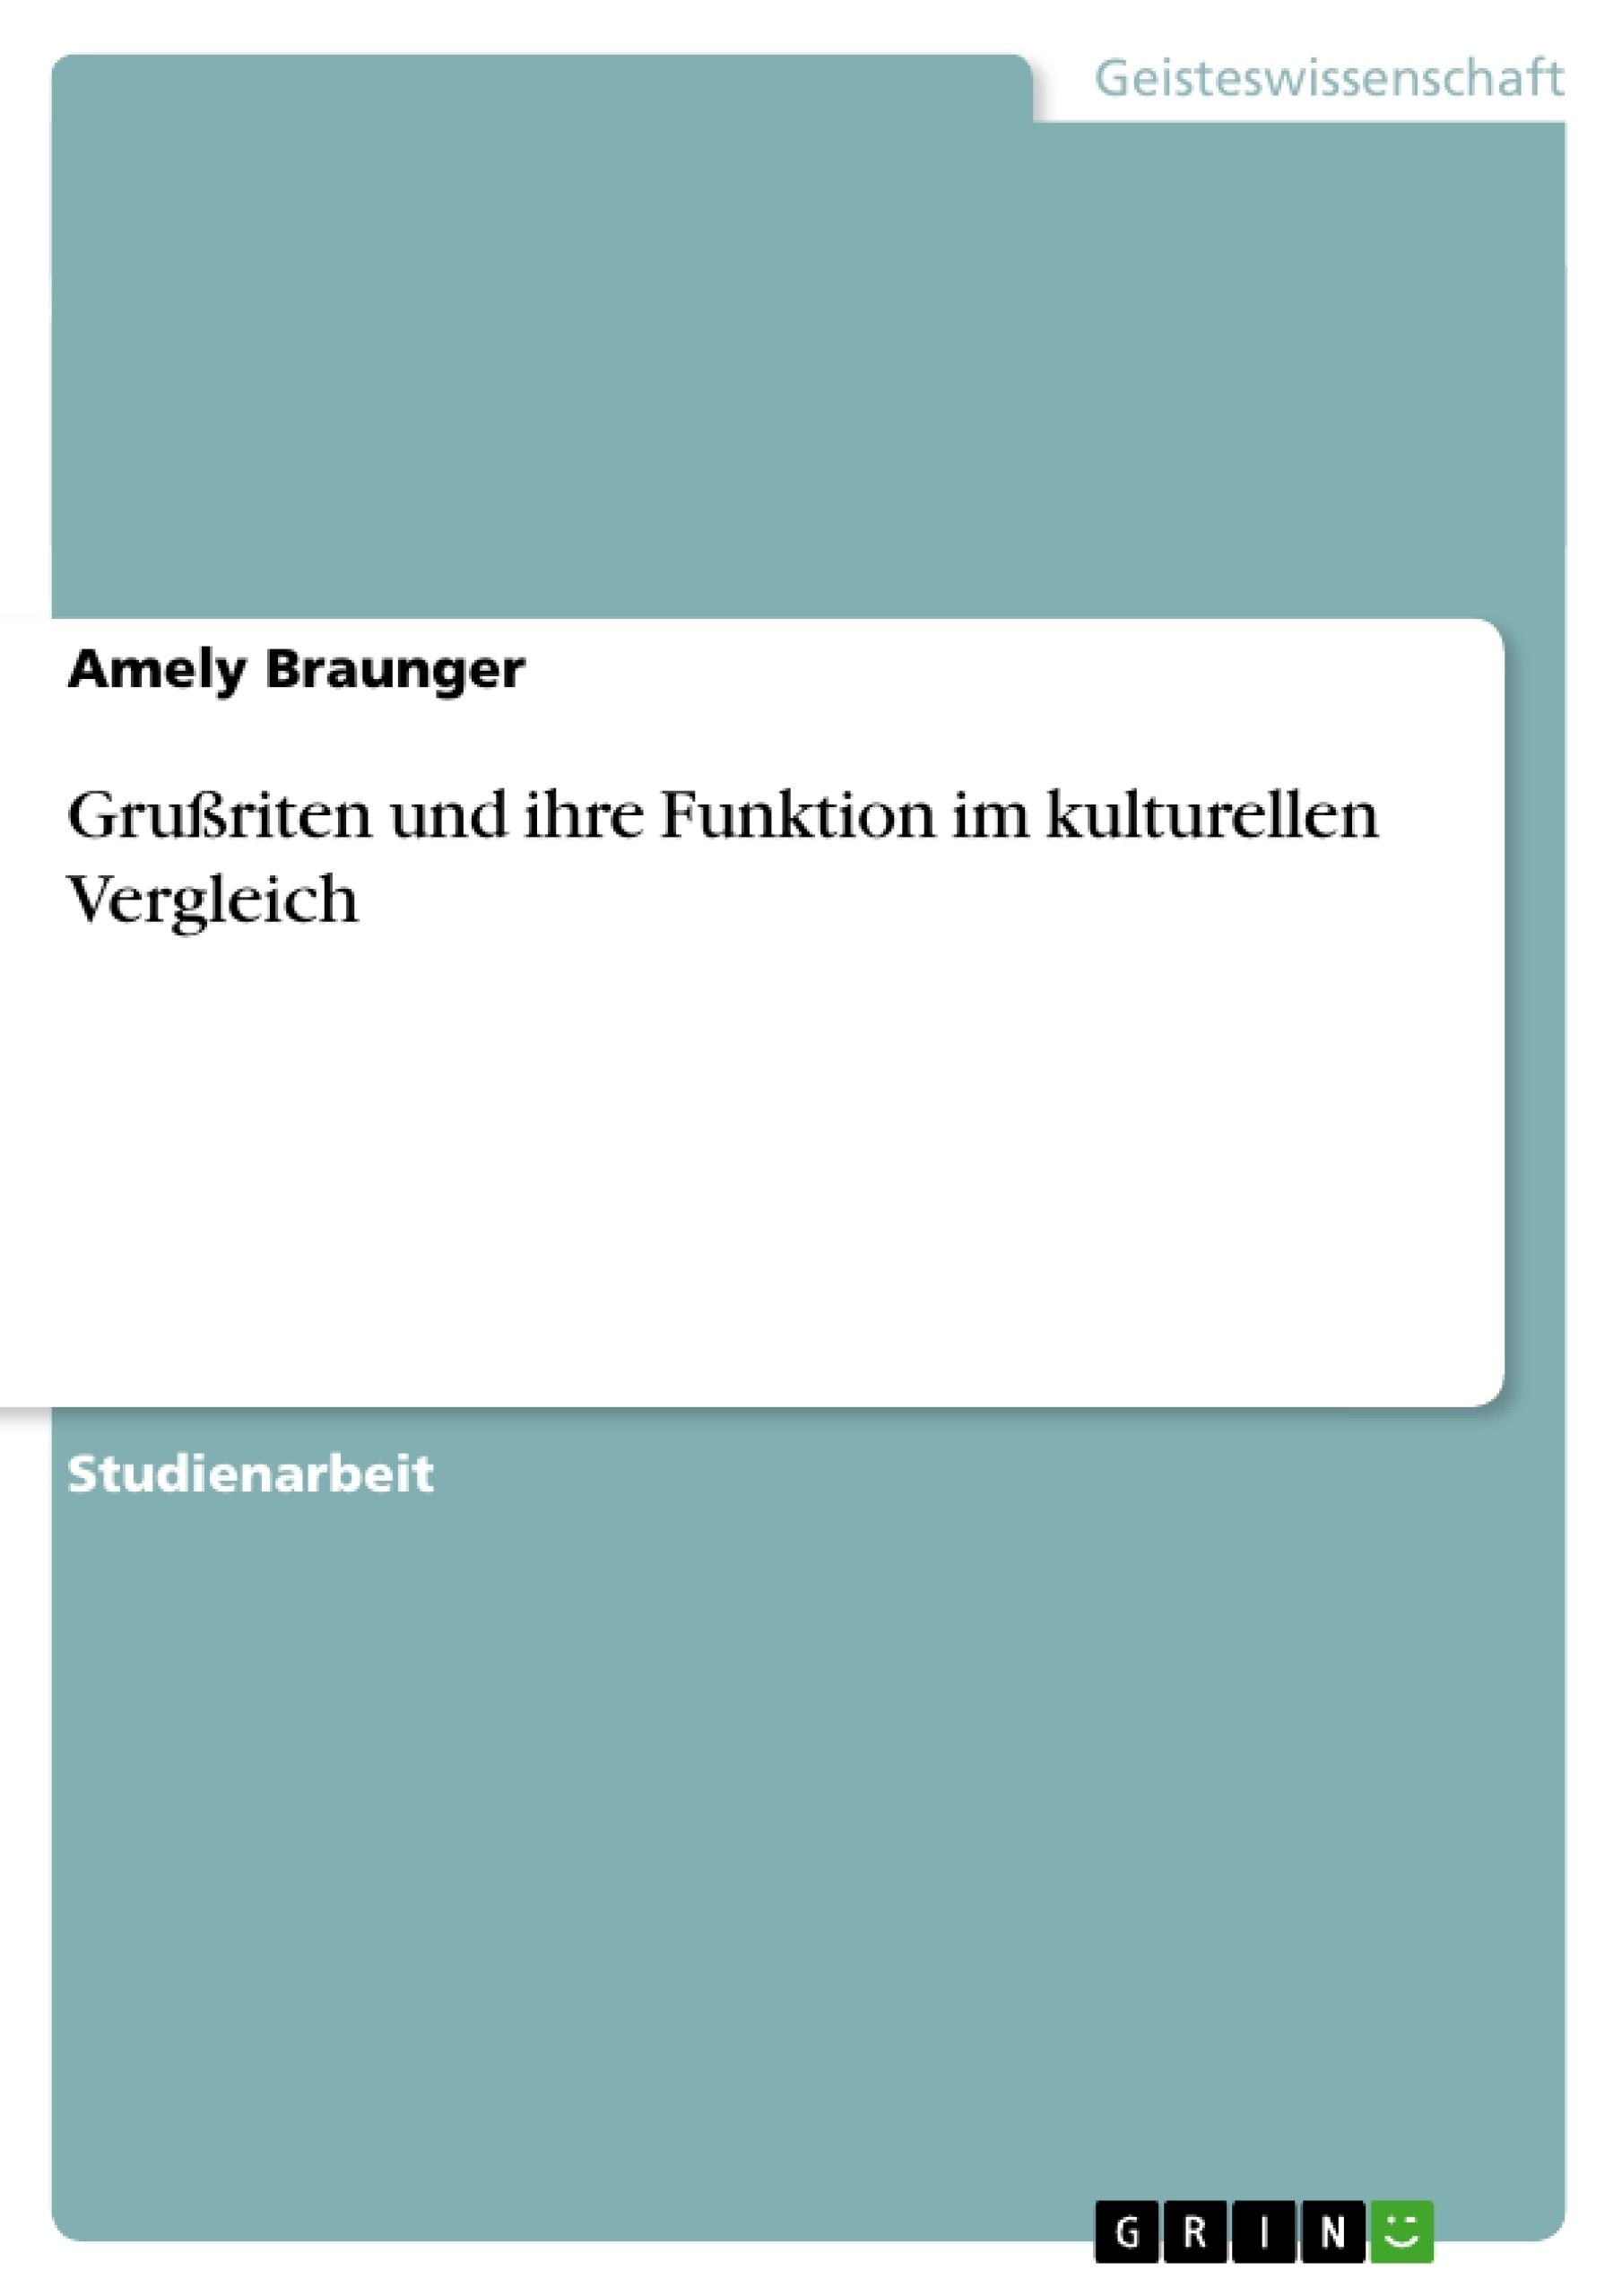 Titel: Grußriten und ihre Funktion im kulturellen Vergleich